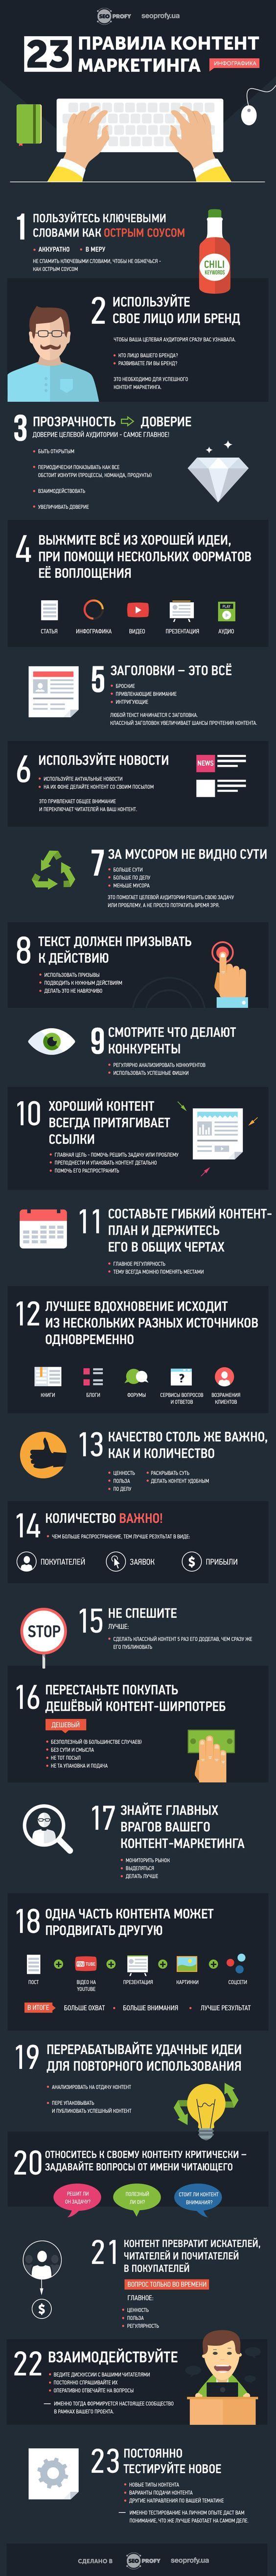 Правила контент маркетинга #инфографика